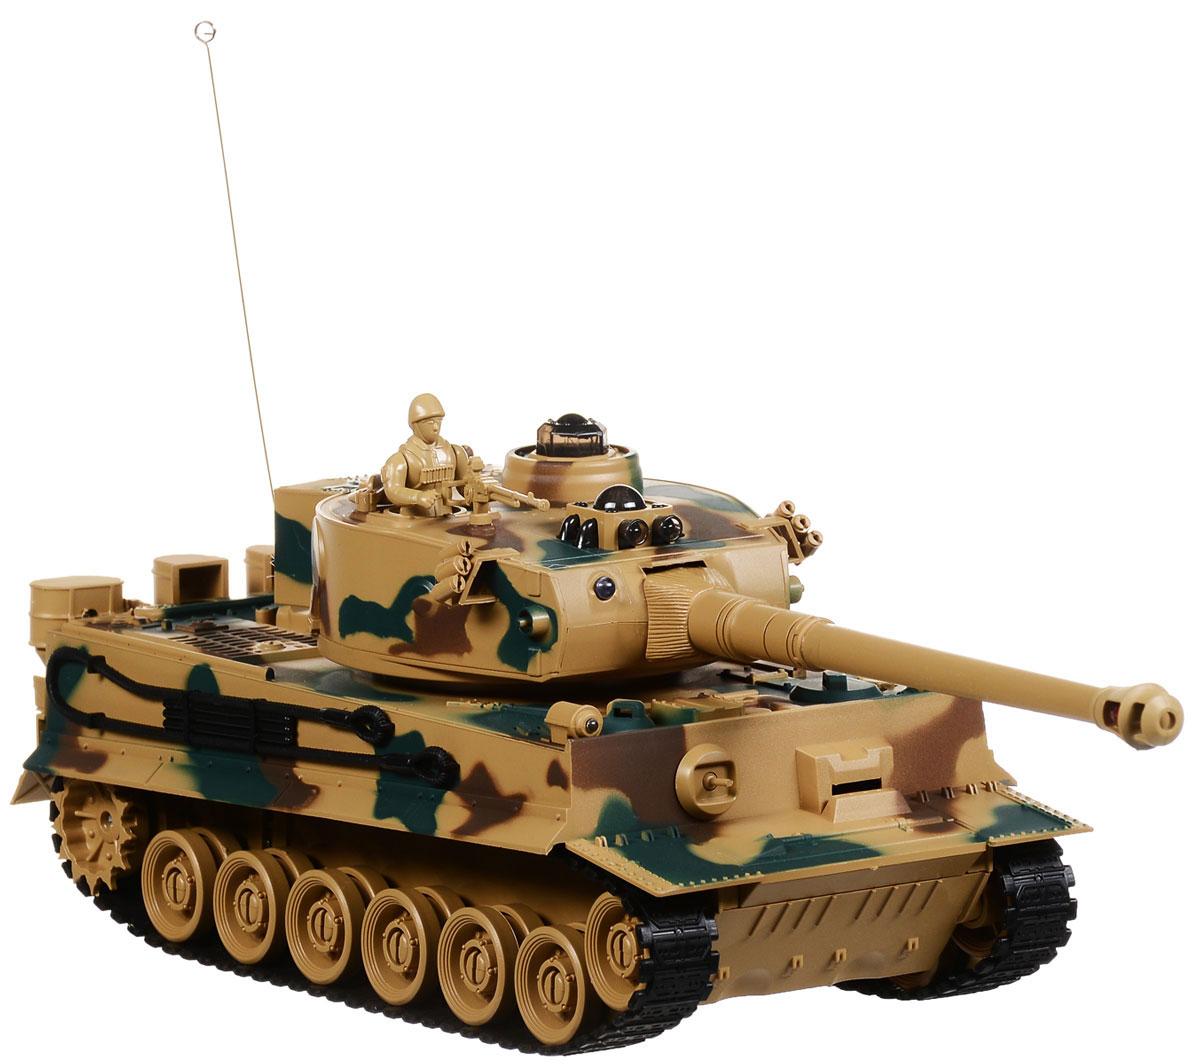 Пламенный мотор Танк на радиоуправлении Tiger масштаб 1:2887553Радиоуправляемый танк бренда Пламенный мотор будет не безразличен любому мальчику, даже некоторым взрослым. Танк выполнен с потрясающей доскональностью к каждой детали на кузове и других, более мелких частях. Башня танка может вращаться направо и налево. Радиус действия пульта управления довольно высок и составляет целых 12 метров. Для имитации реалистичных действий предусмотрена возможность управления движением танка и башней одновременно. Регулируемая пушка опускается и поднимается. Кроме того танк преодолевает подъемы. Реалистичные световые и звуковые эффекты при стрельбе придают огромную долю реалистичности игрушке. Танк может двигаться: вправо, влево, вперед, назад, а также вращаться на месте.